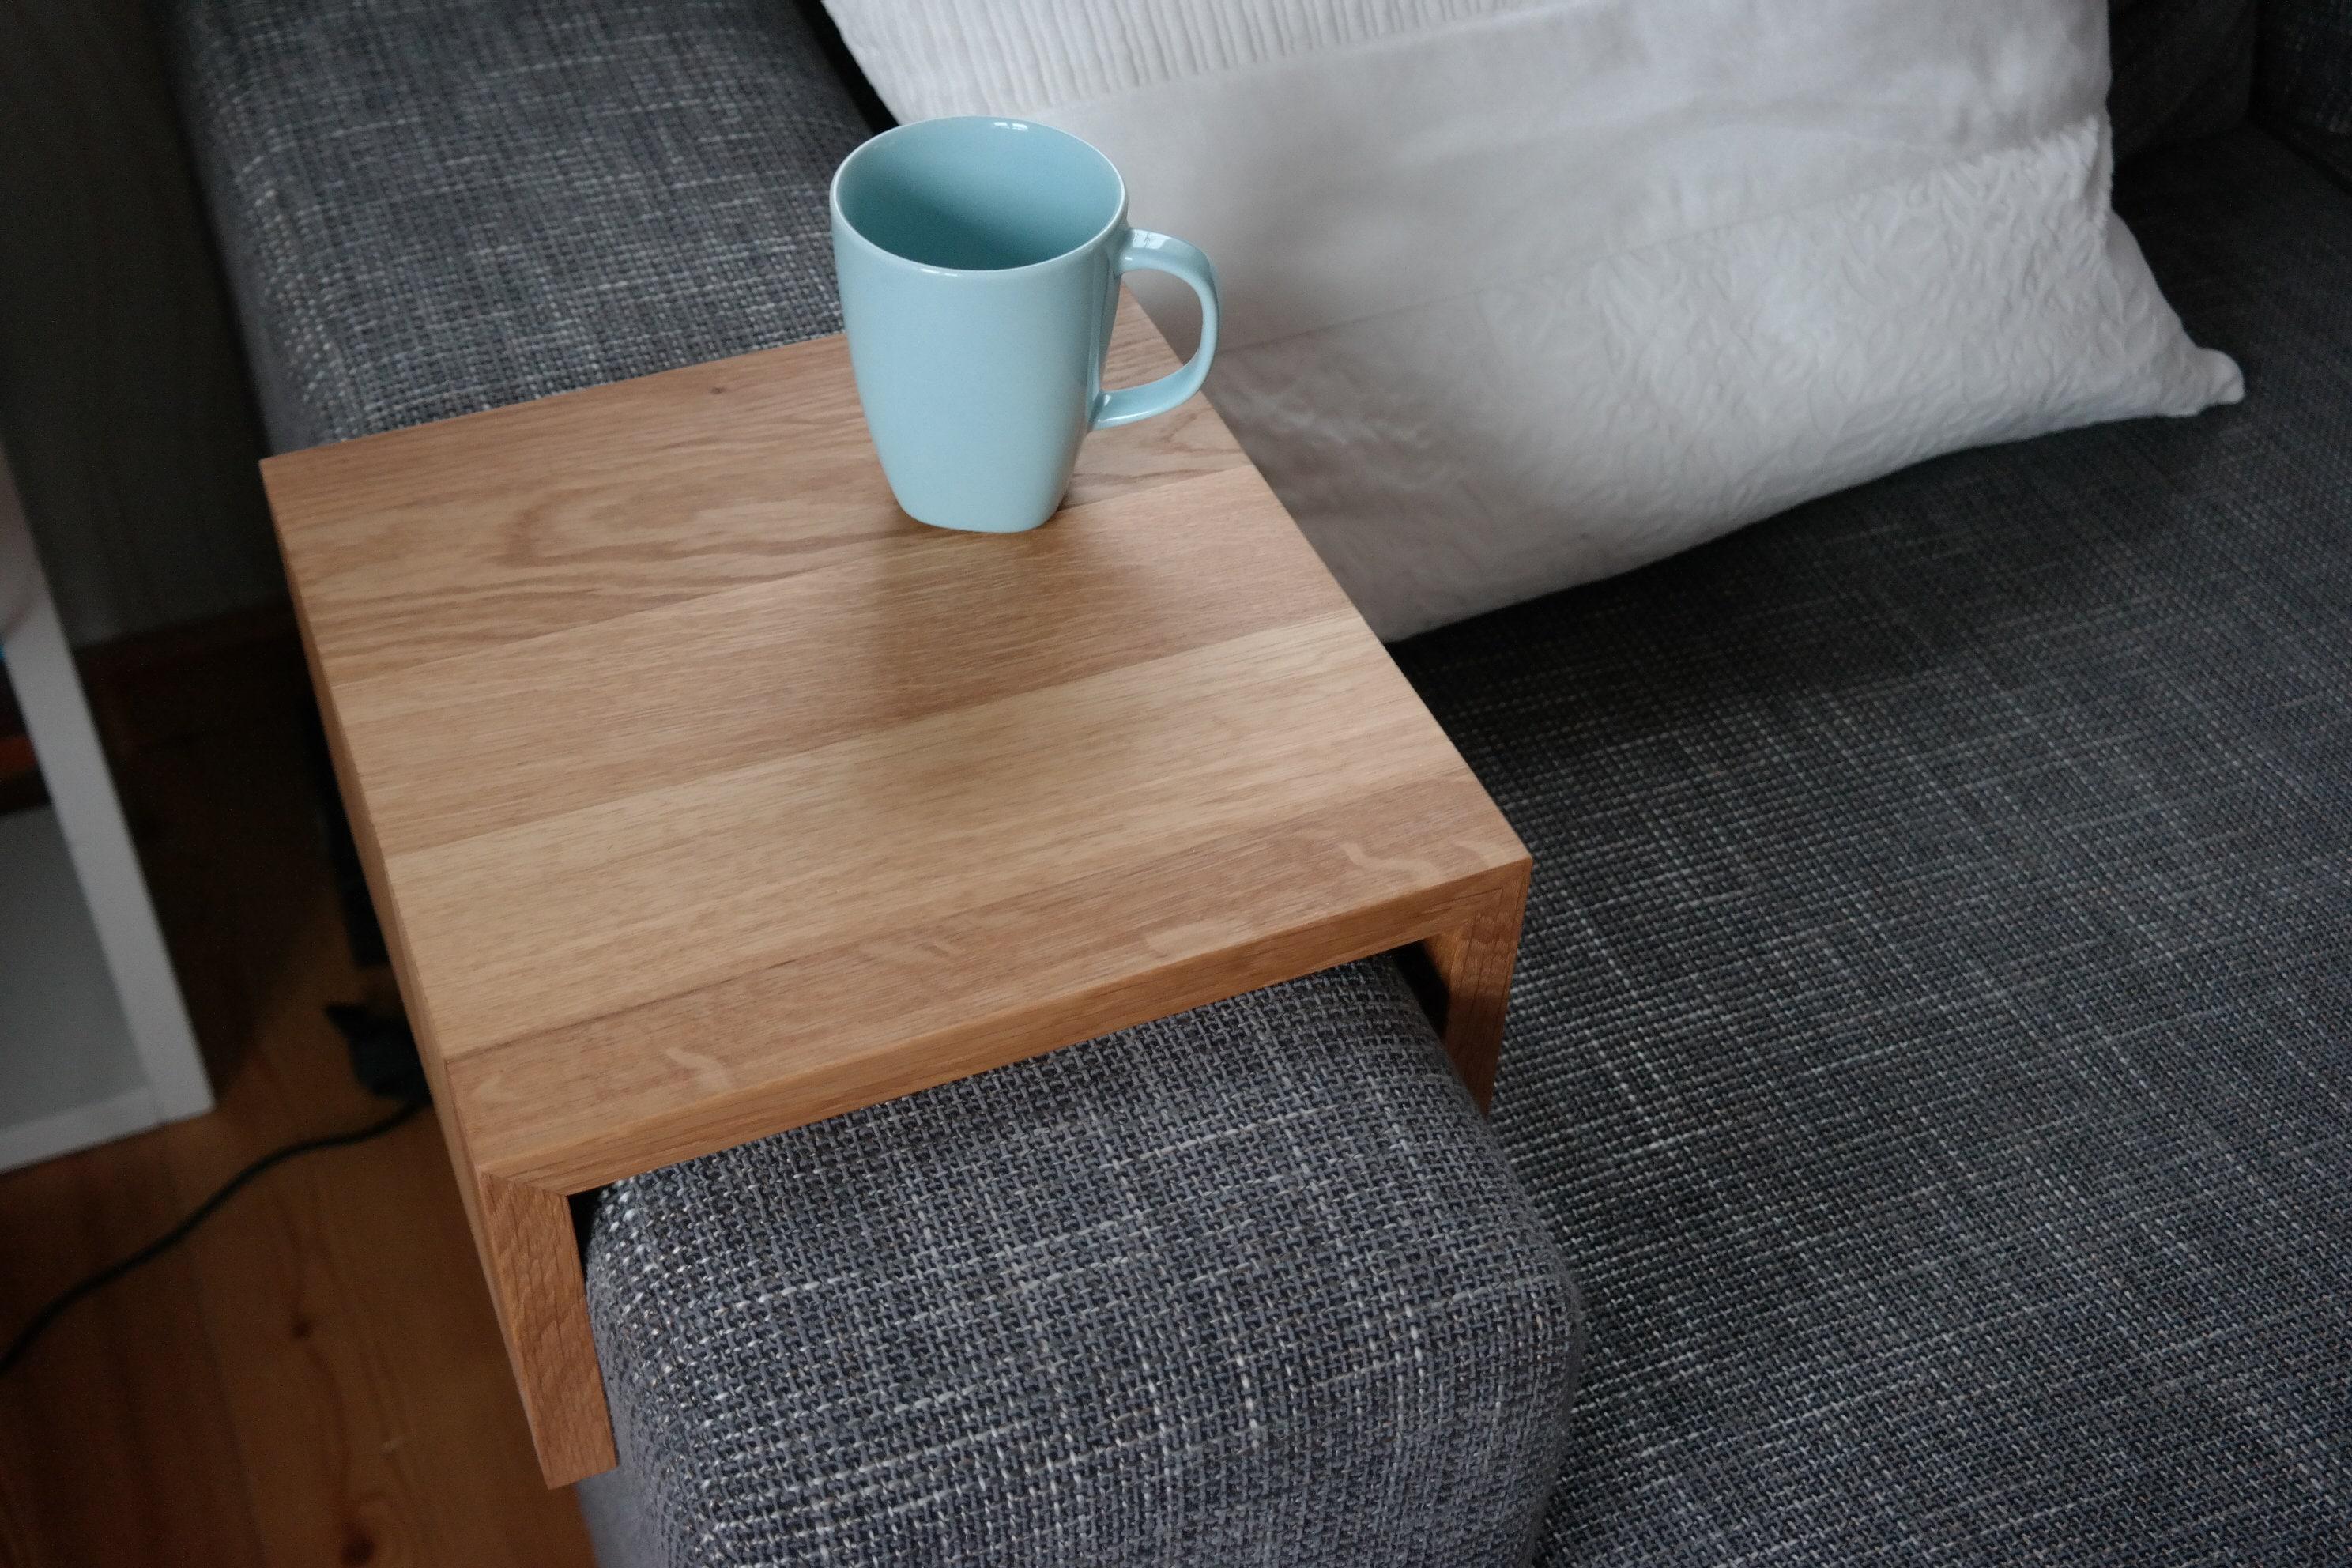 couchtisch ablage tablett für sofa couch eiche | etsy